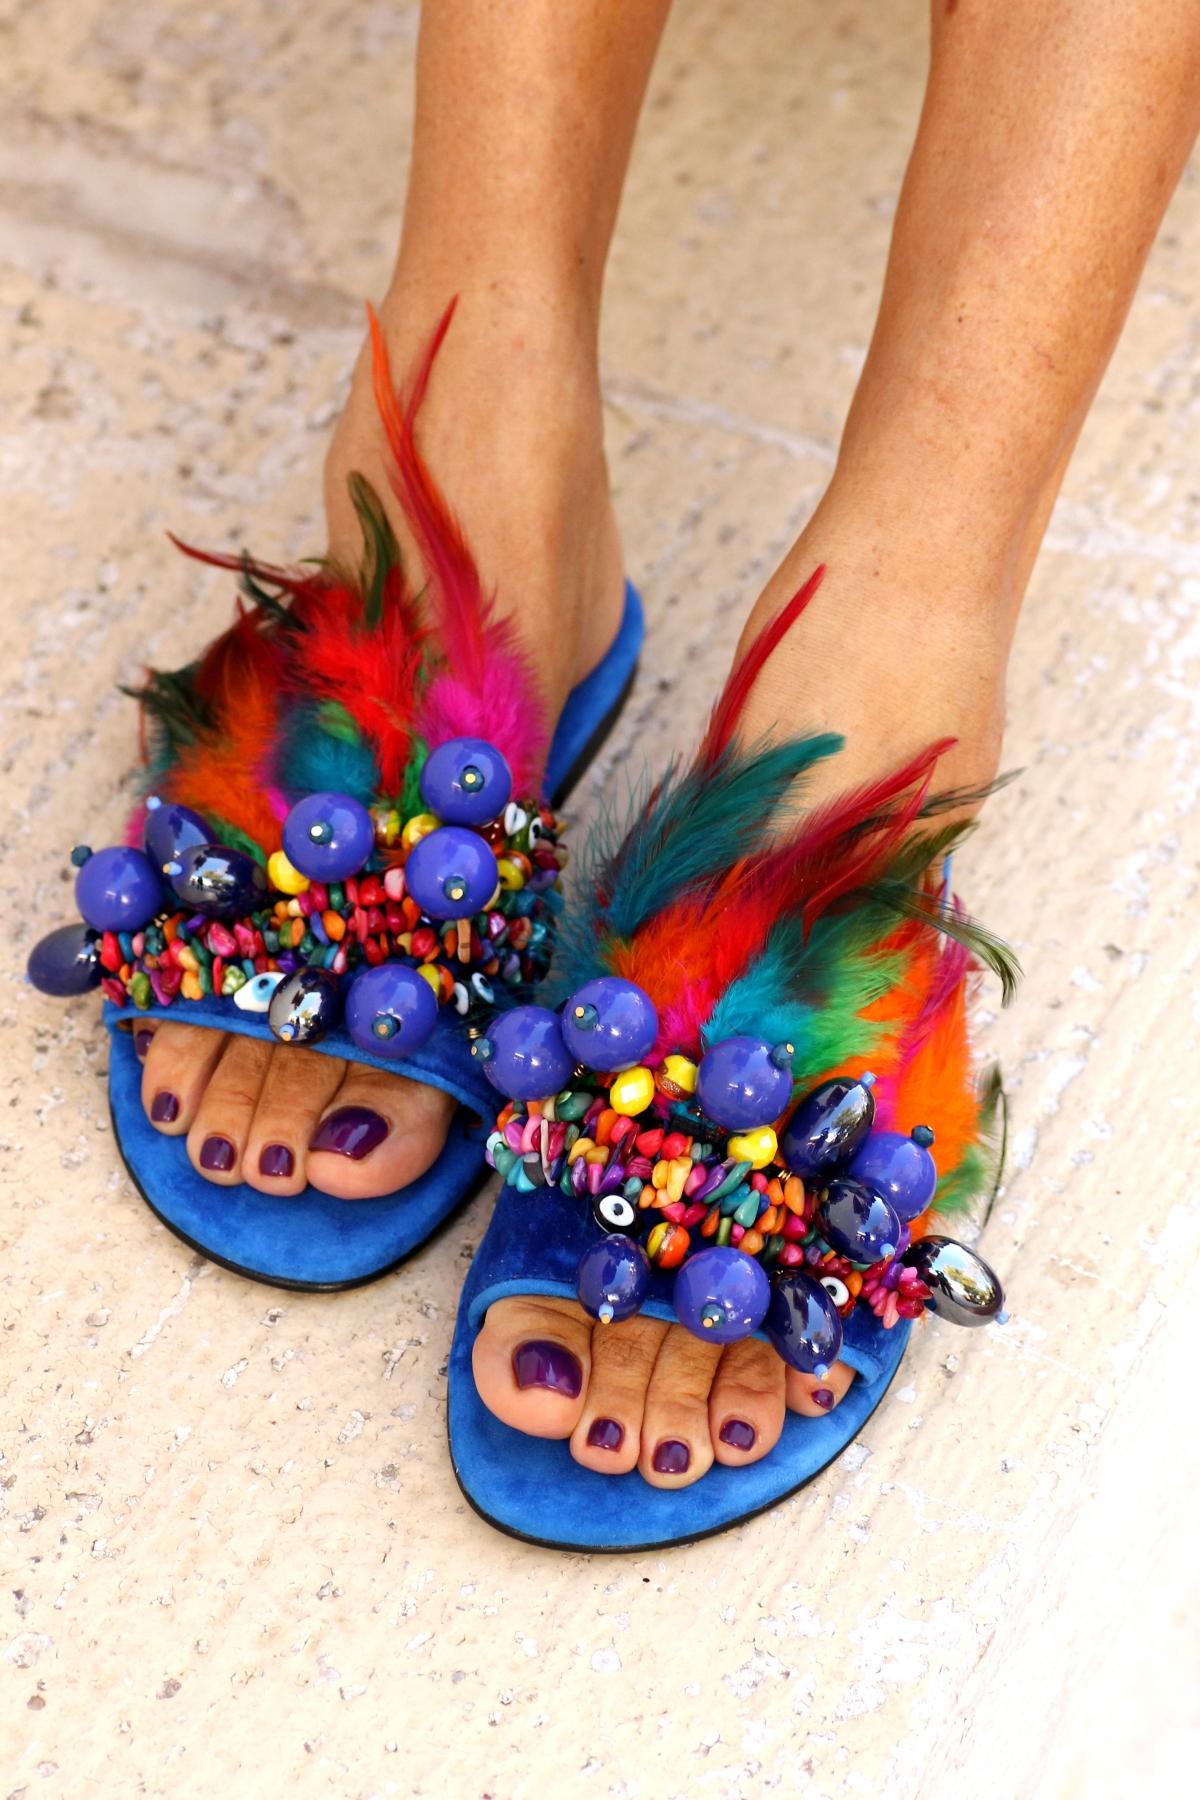 690f8dff6 Phuket Feather-embellished Sandals - Fashionnoiz